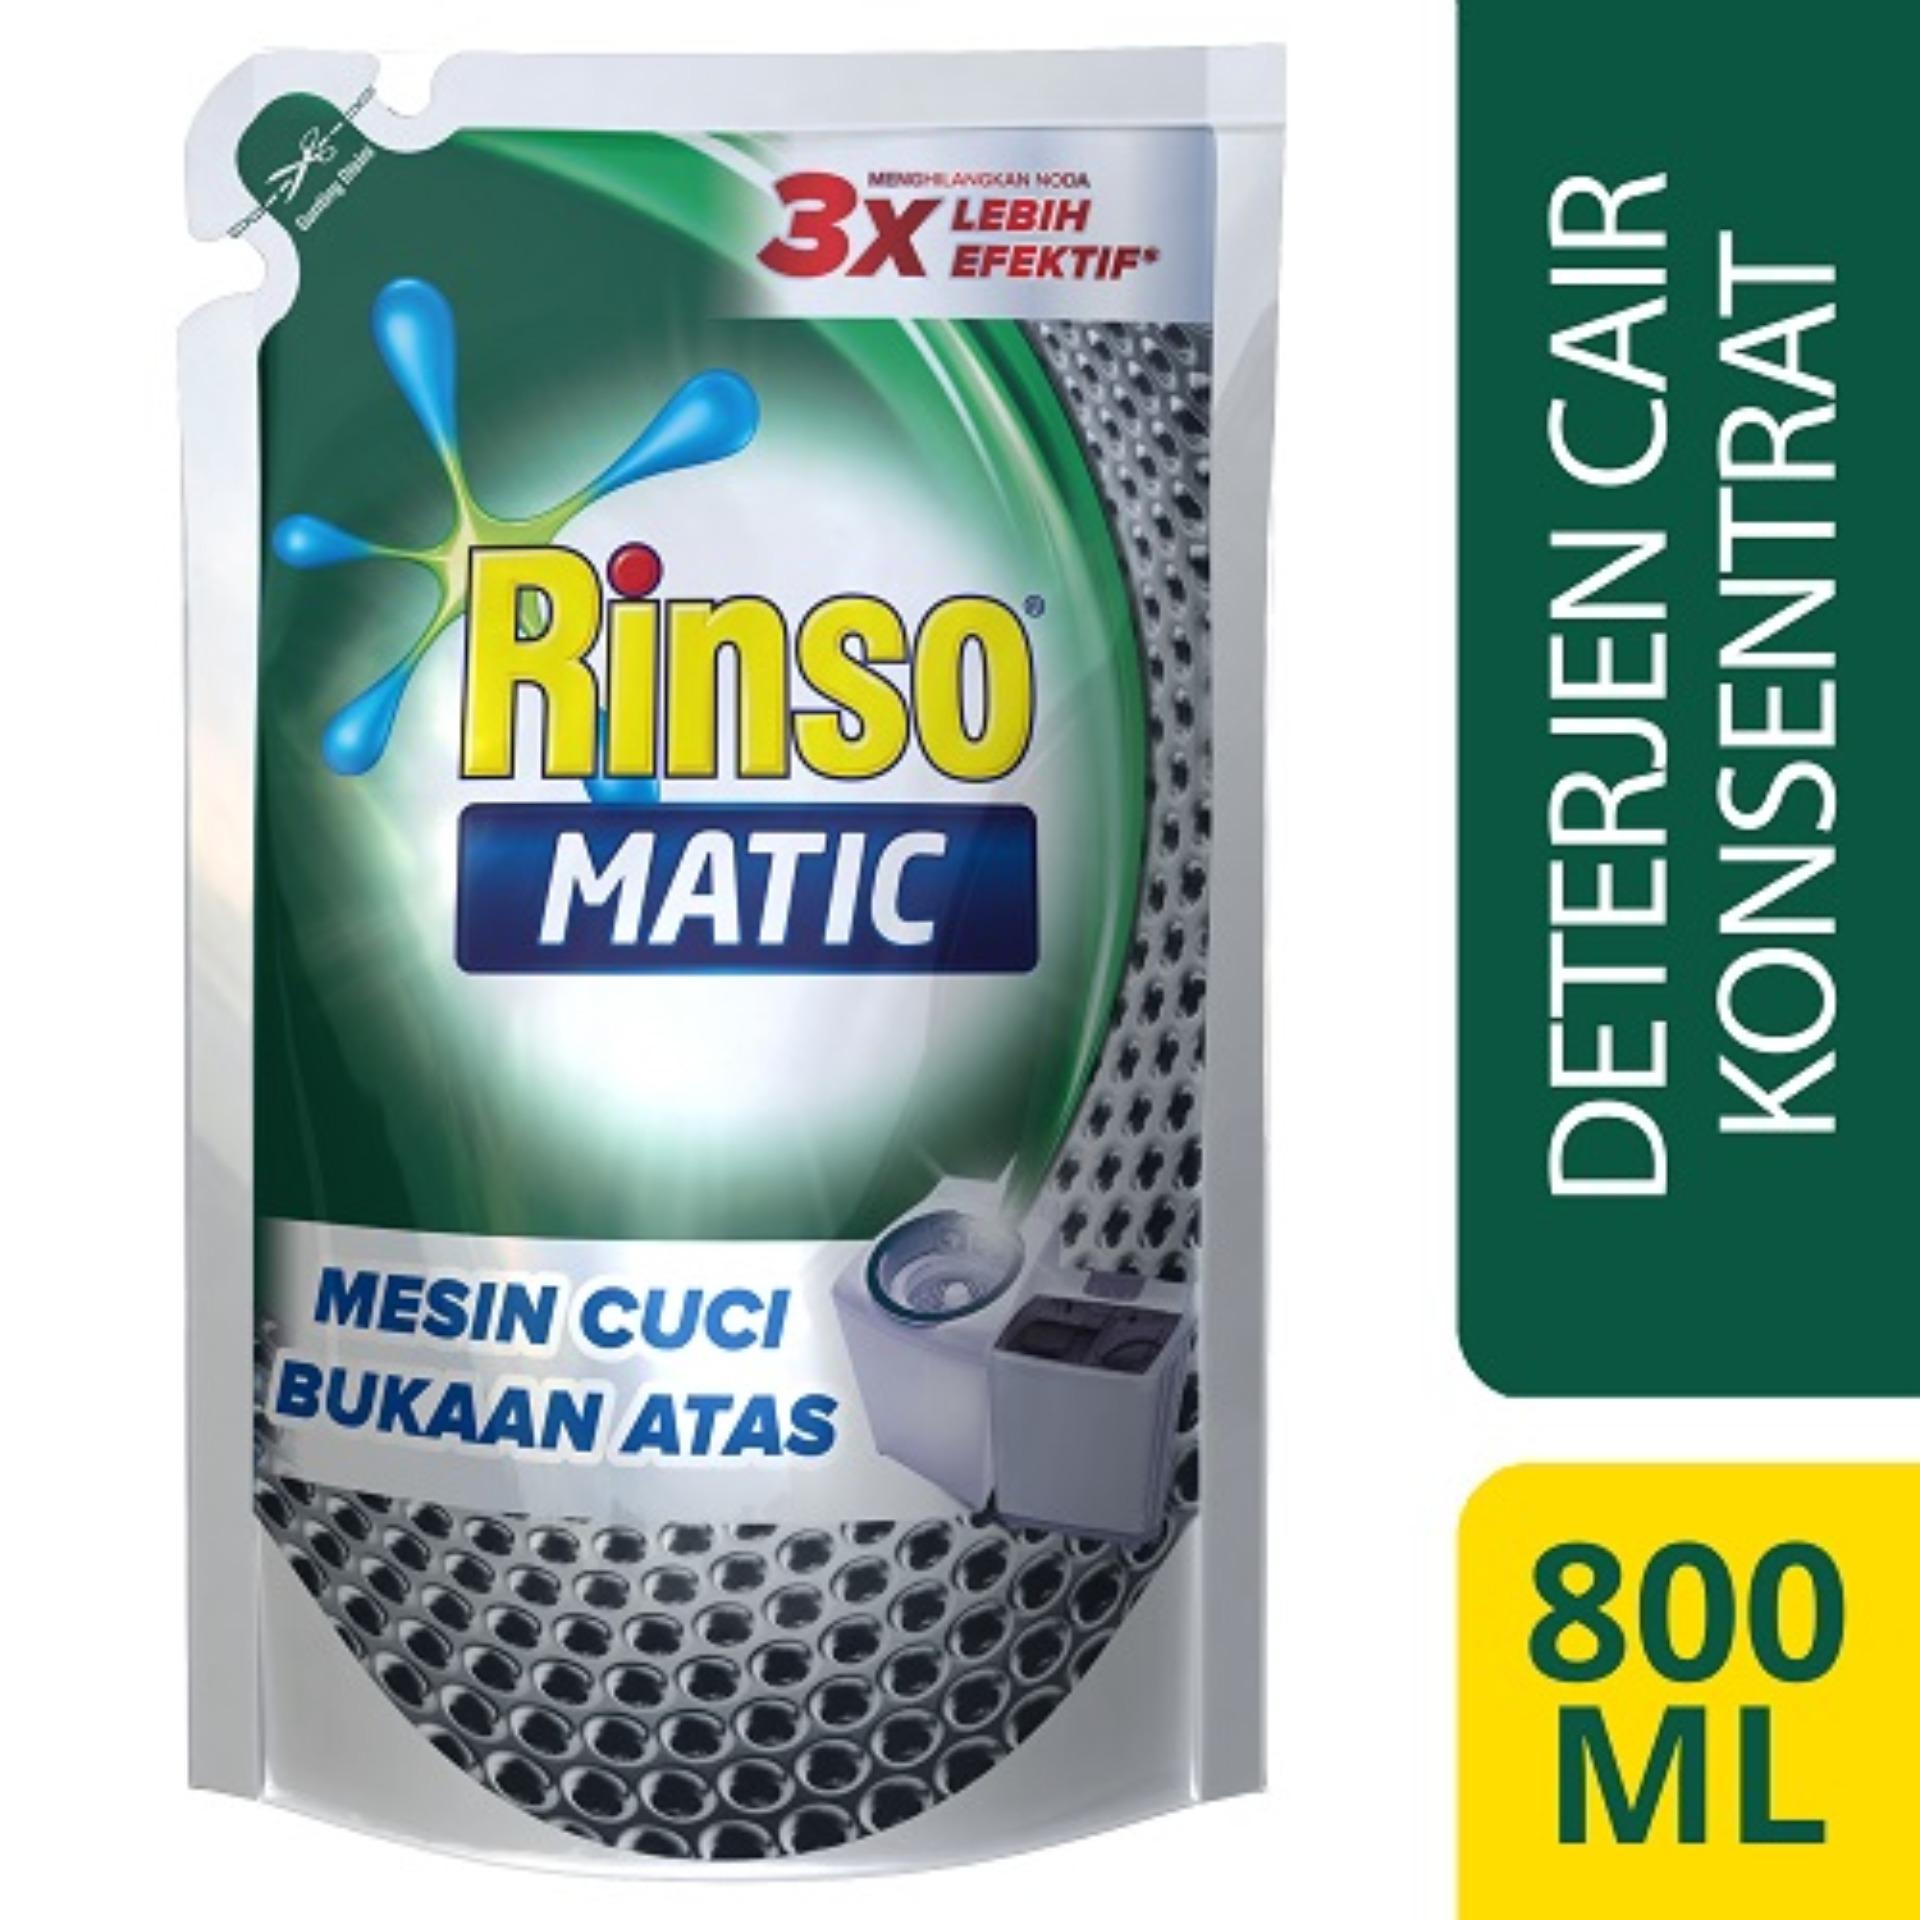 Rinso Matic Cair Mesin Cuci Bukaan Atas Pouch - 800 ml